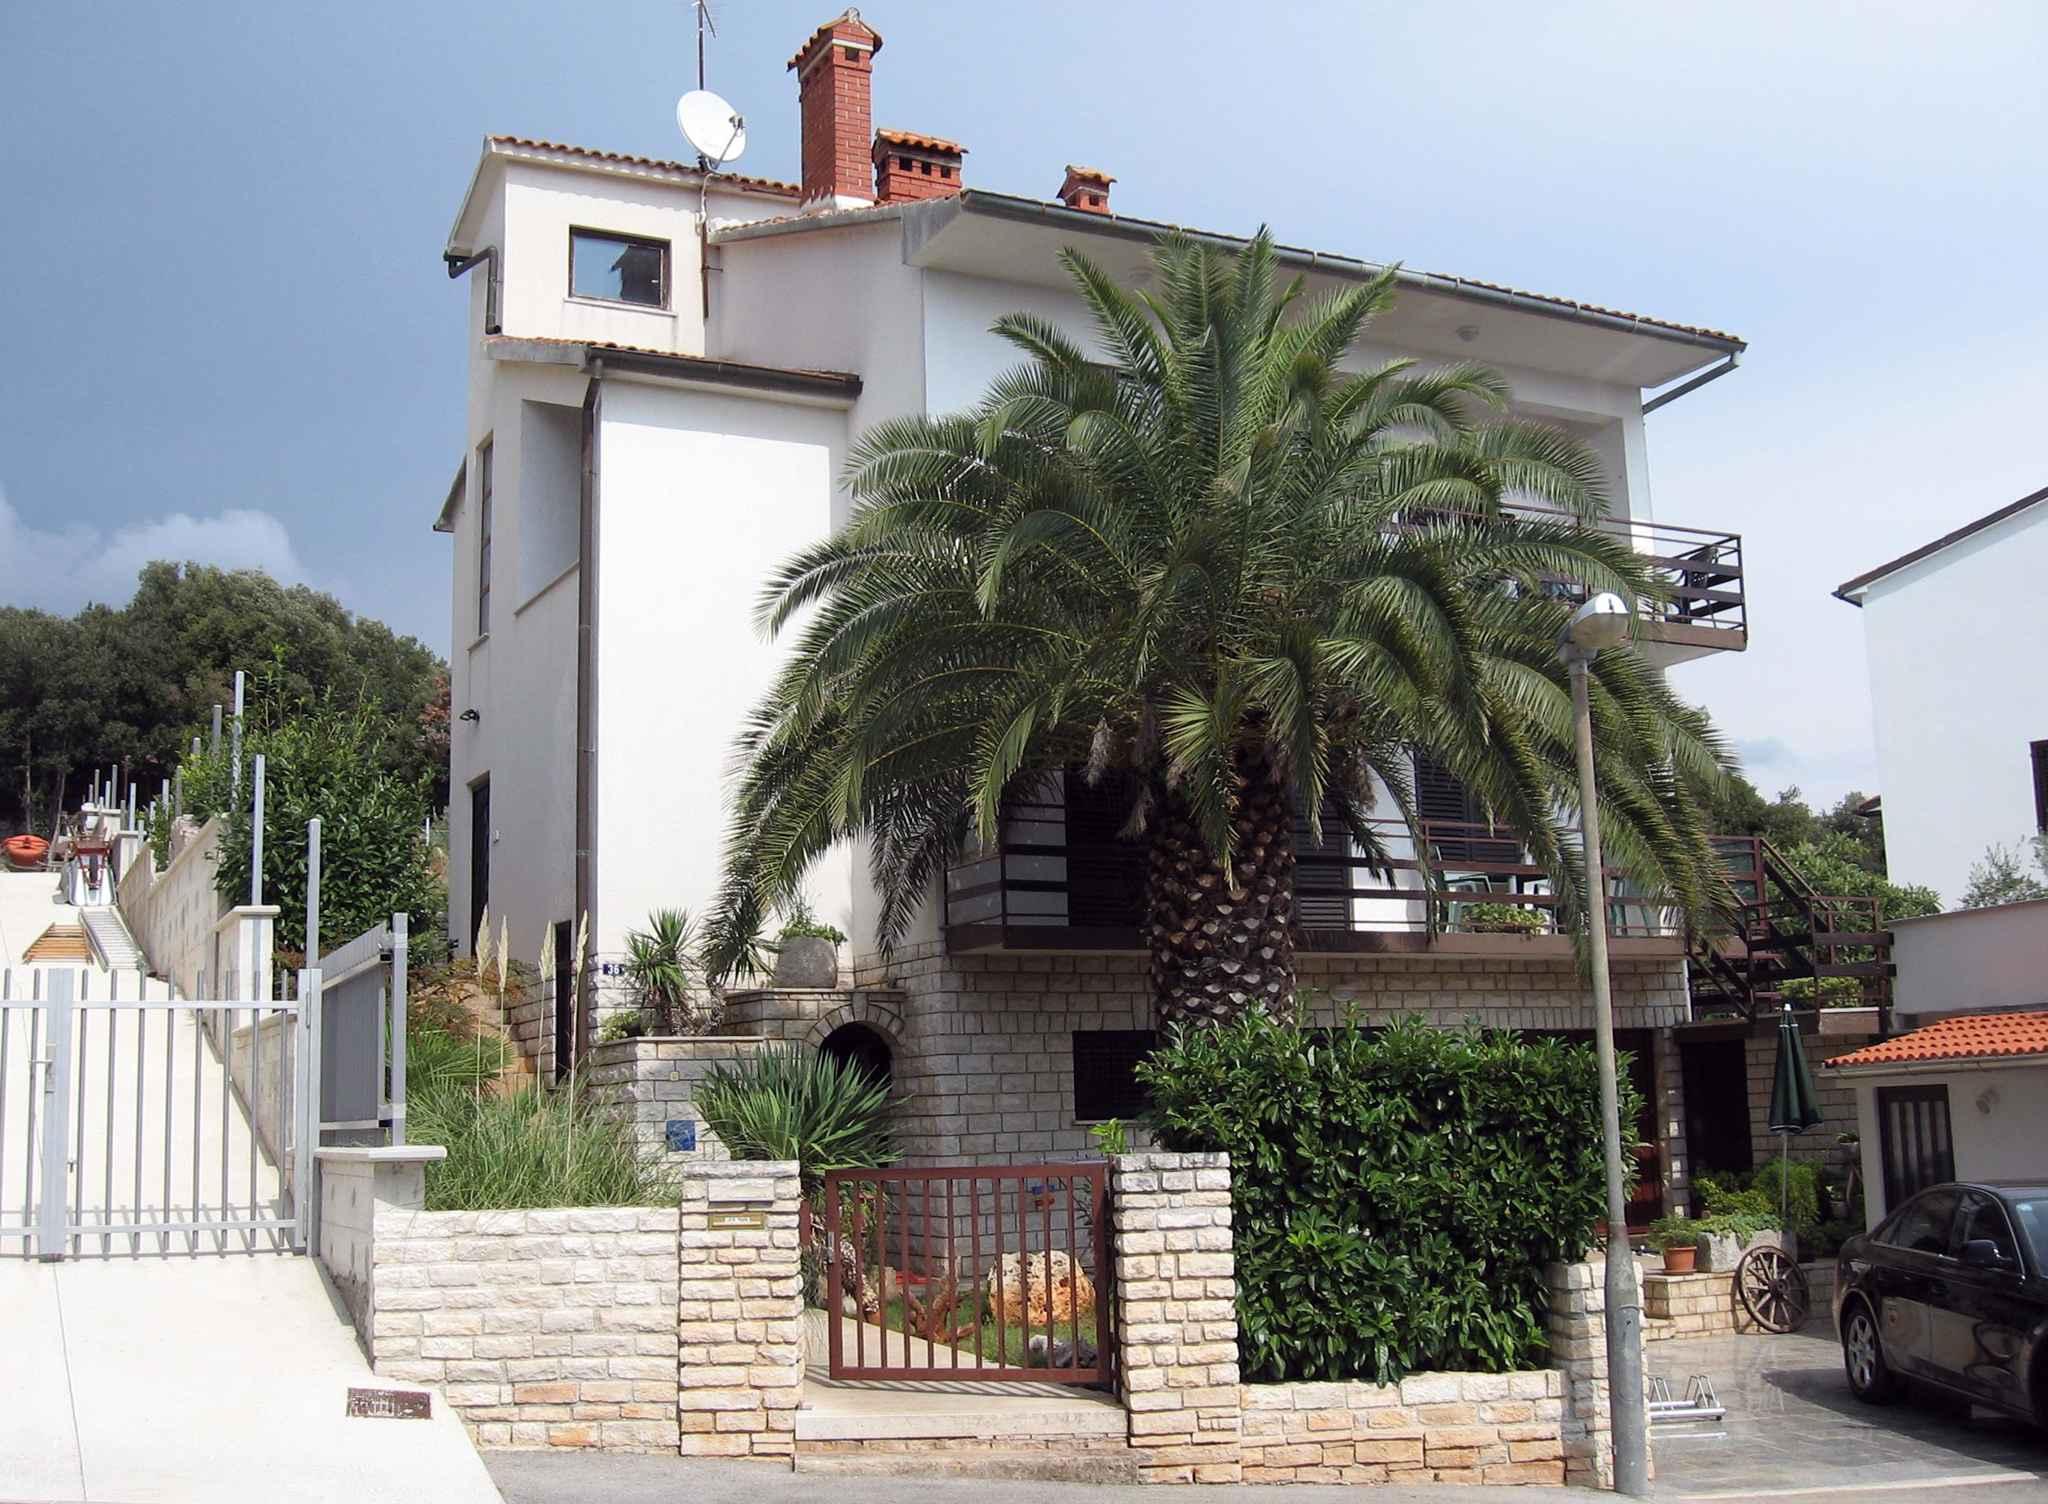 Ferienwohnung mit Pool (280707), Pula, , Istrien, Kroatien, Bild 2